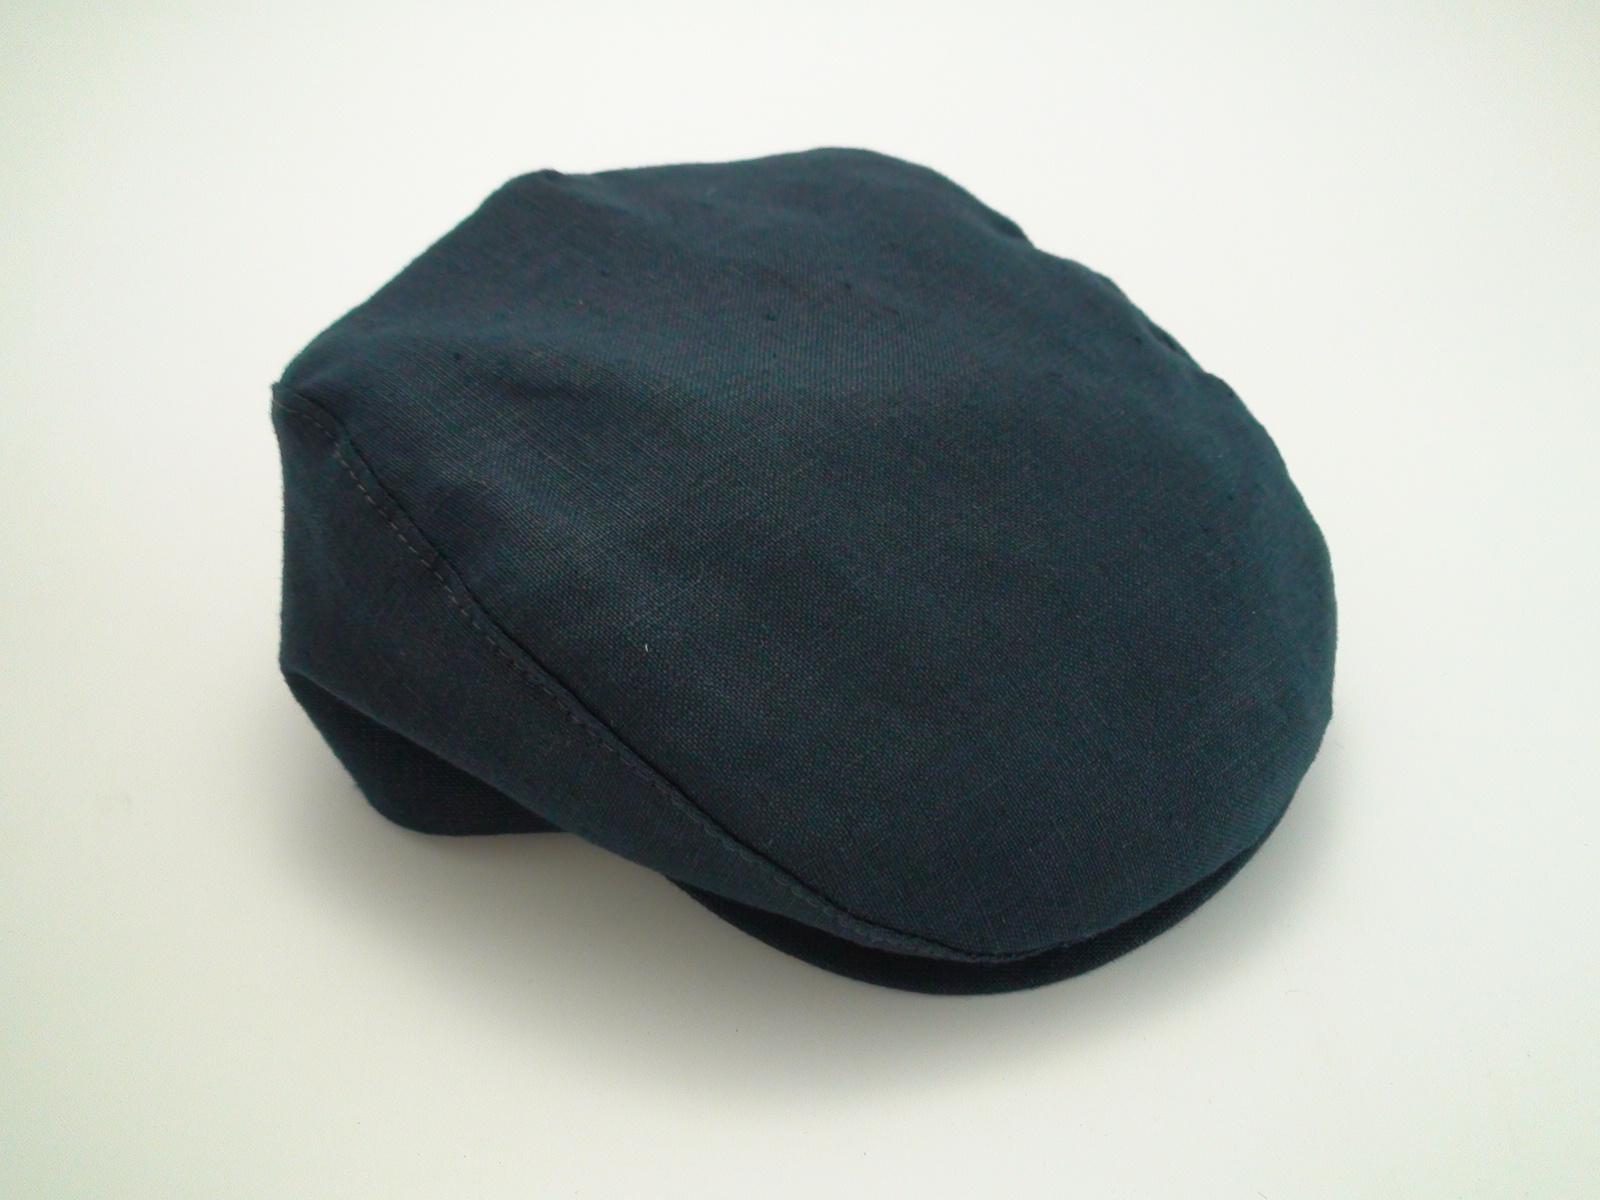 1d085220ee21de Navy Blue Flat Cap - Parchment'N'Lead